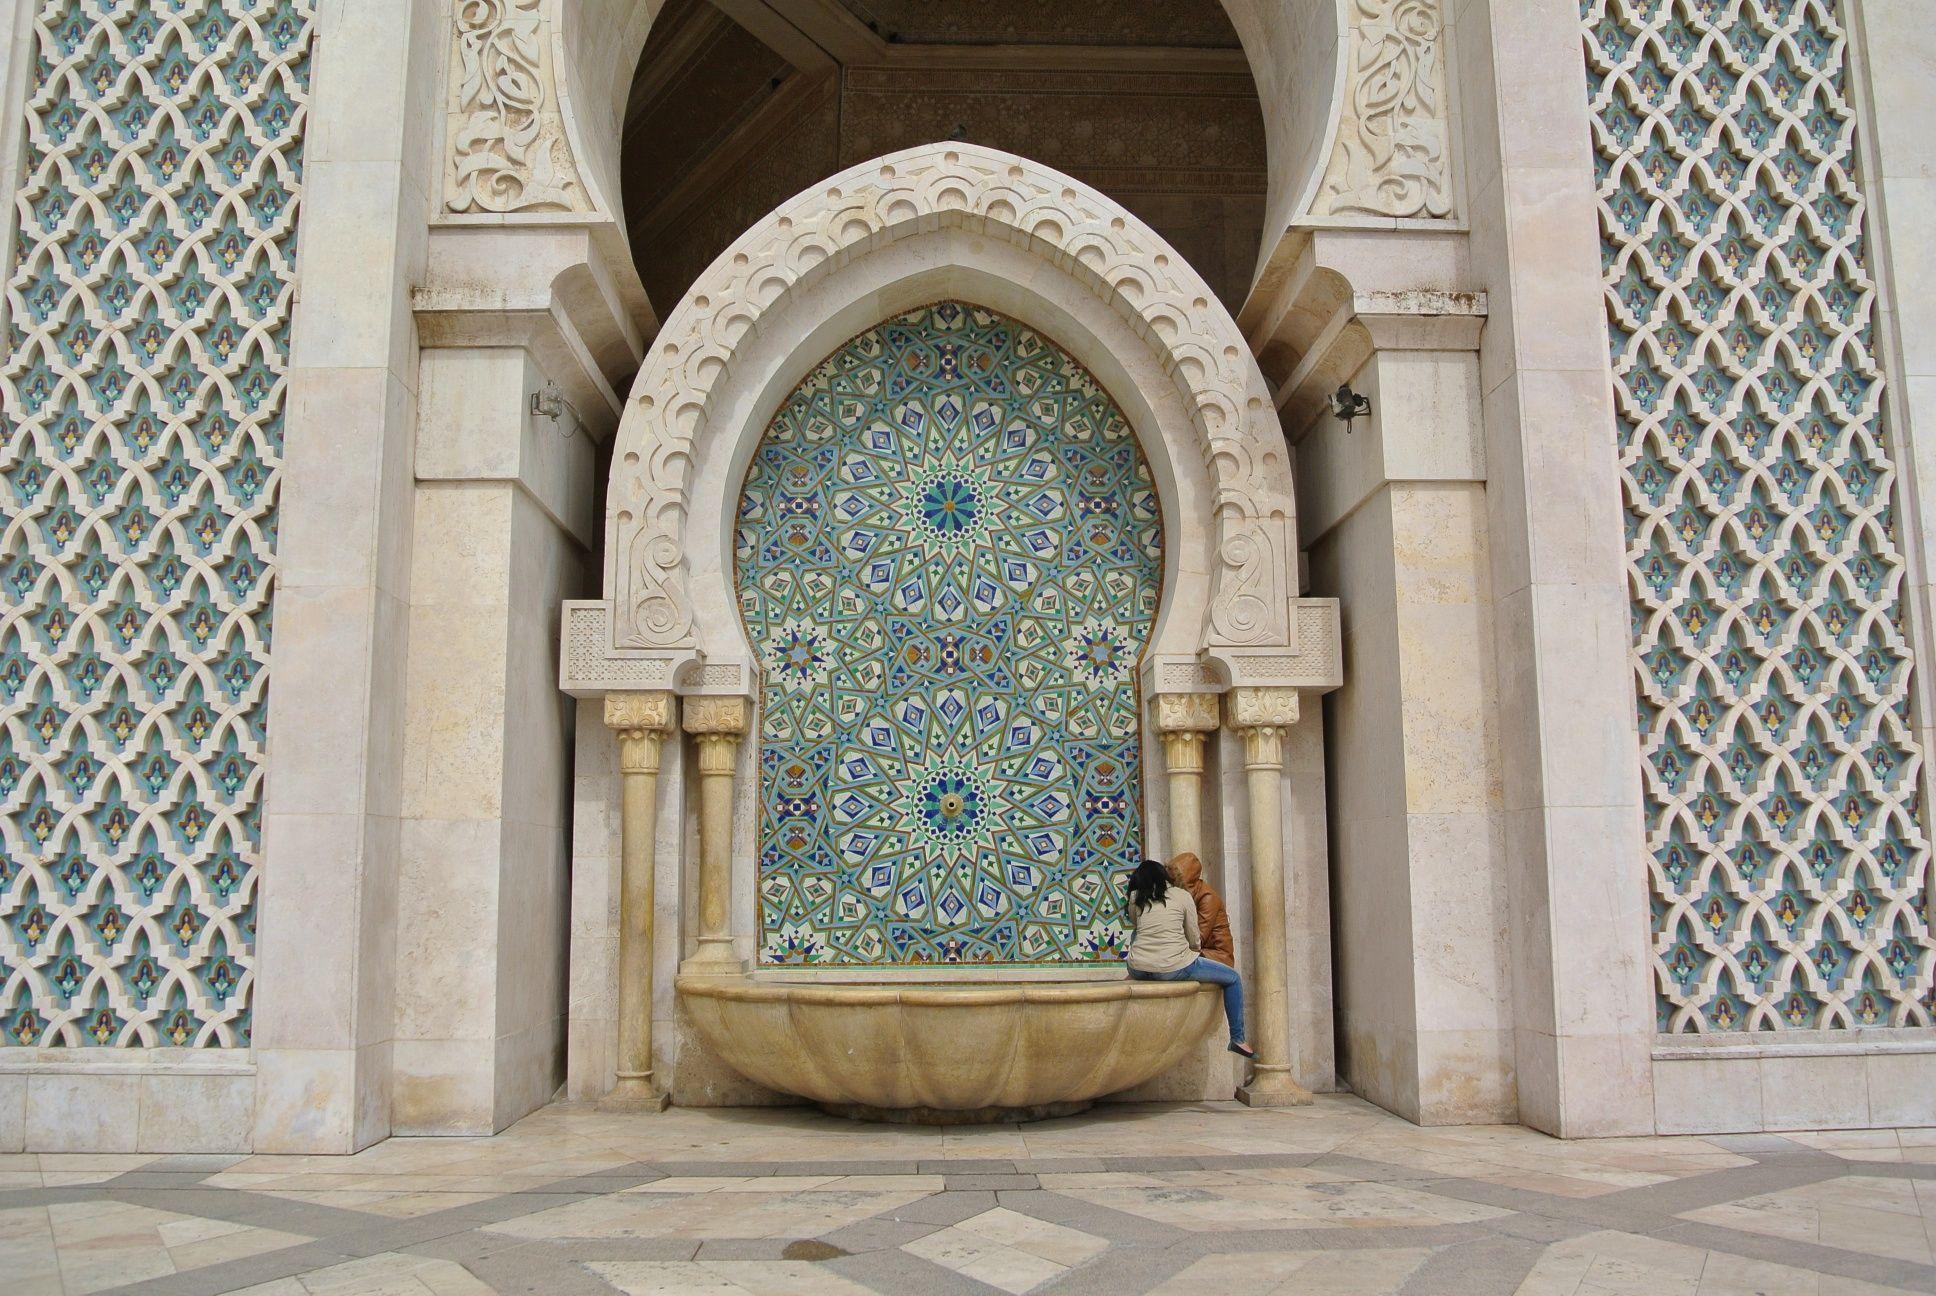 Logtour | Cheio de cores e aromas, Marrocos cultura do norte da África